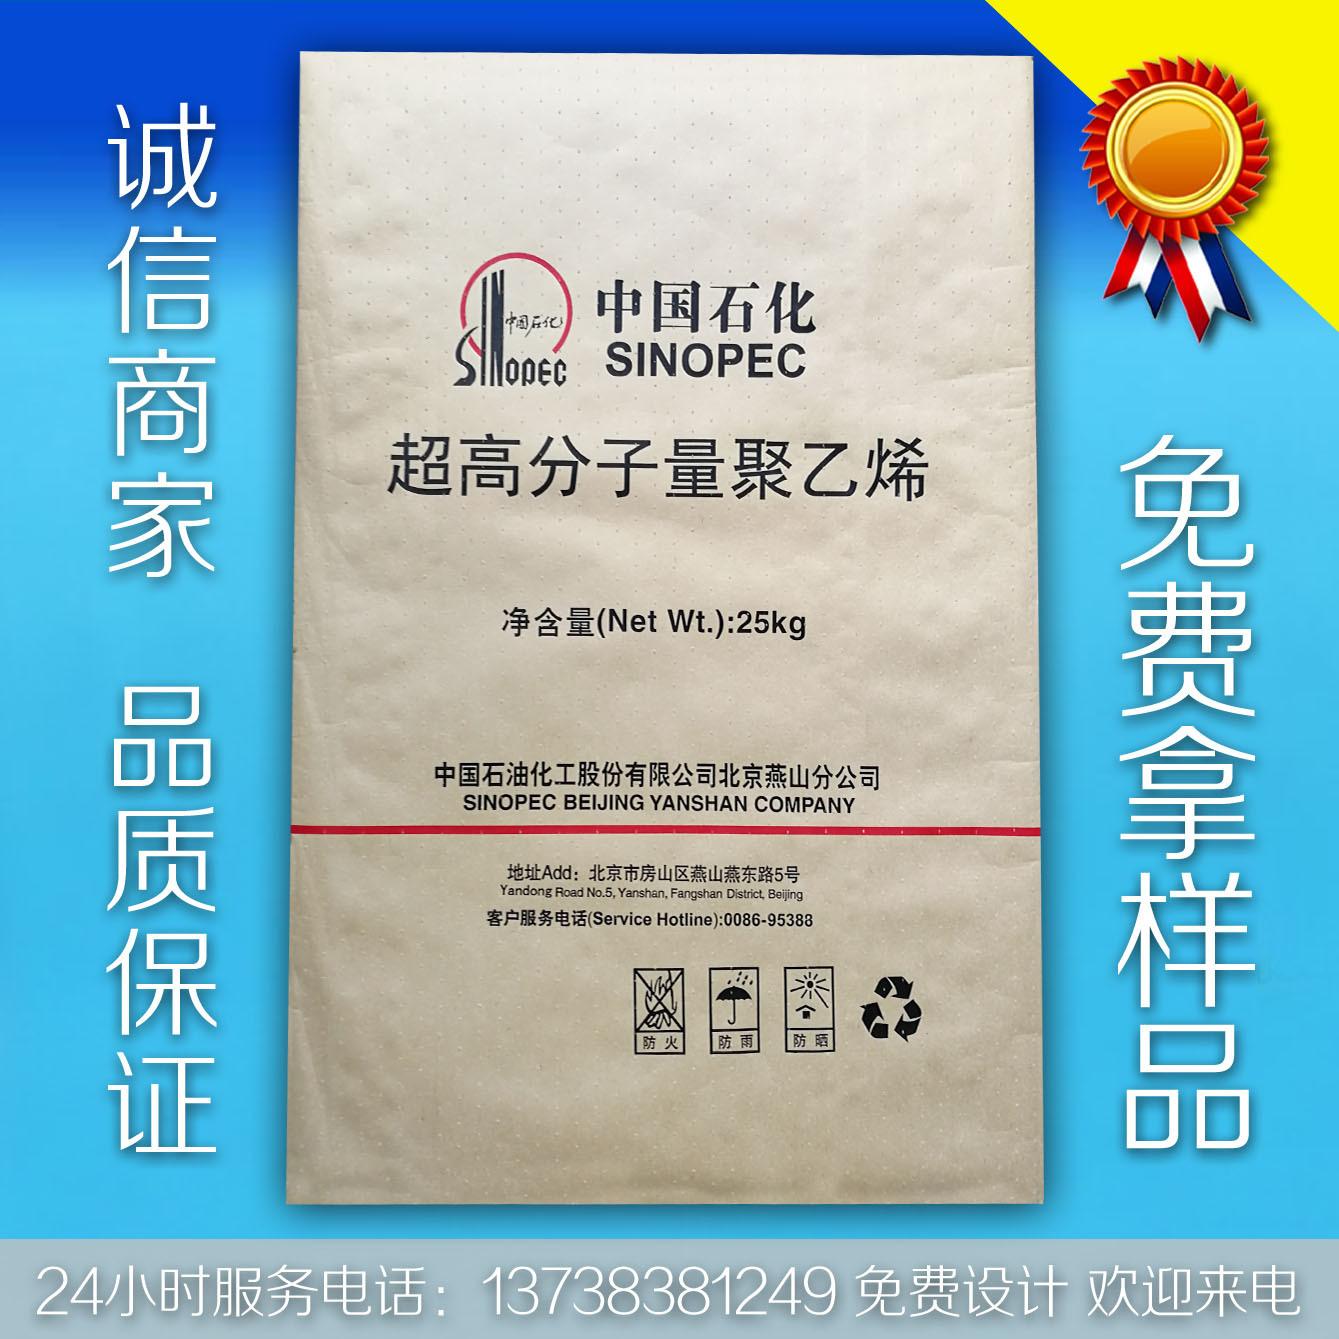 源头生产PBT ABS复合袋 纸塑PA6袋 高档TUP纸塑复合袋 TPU纸塑袋